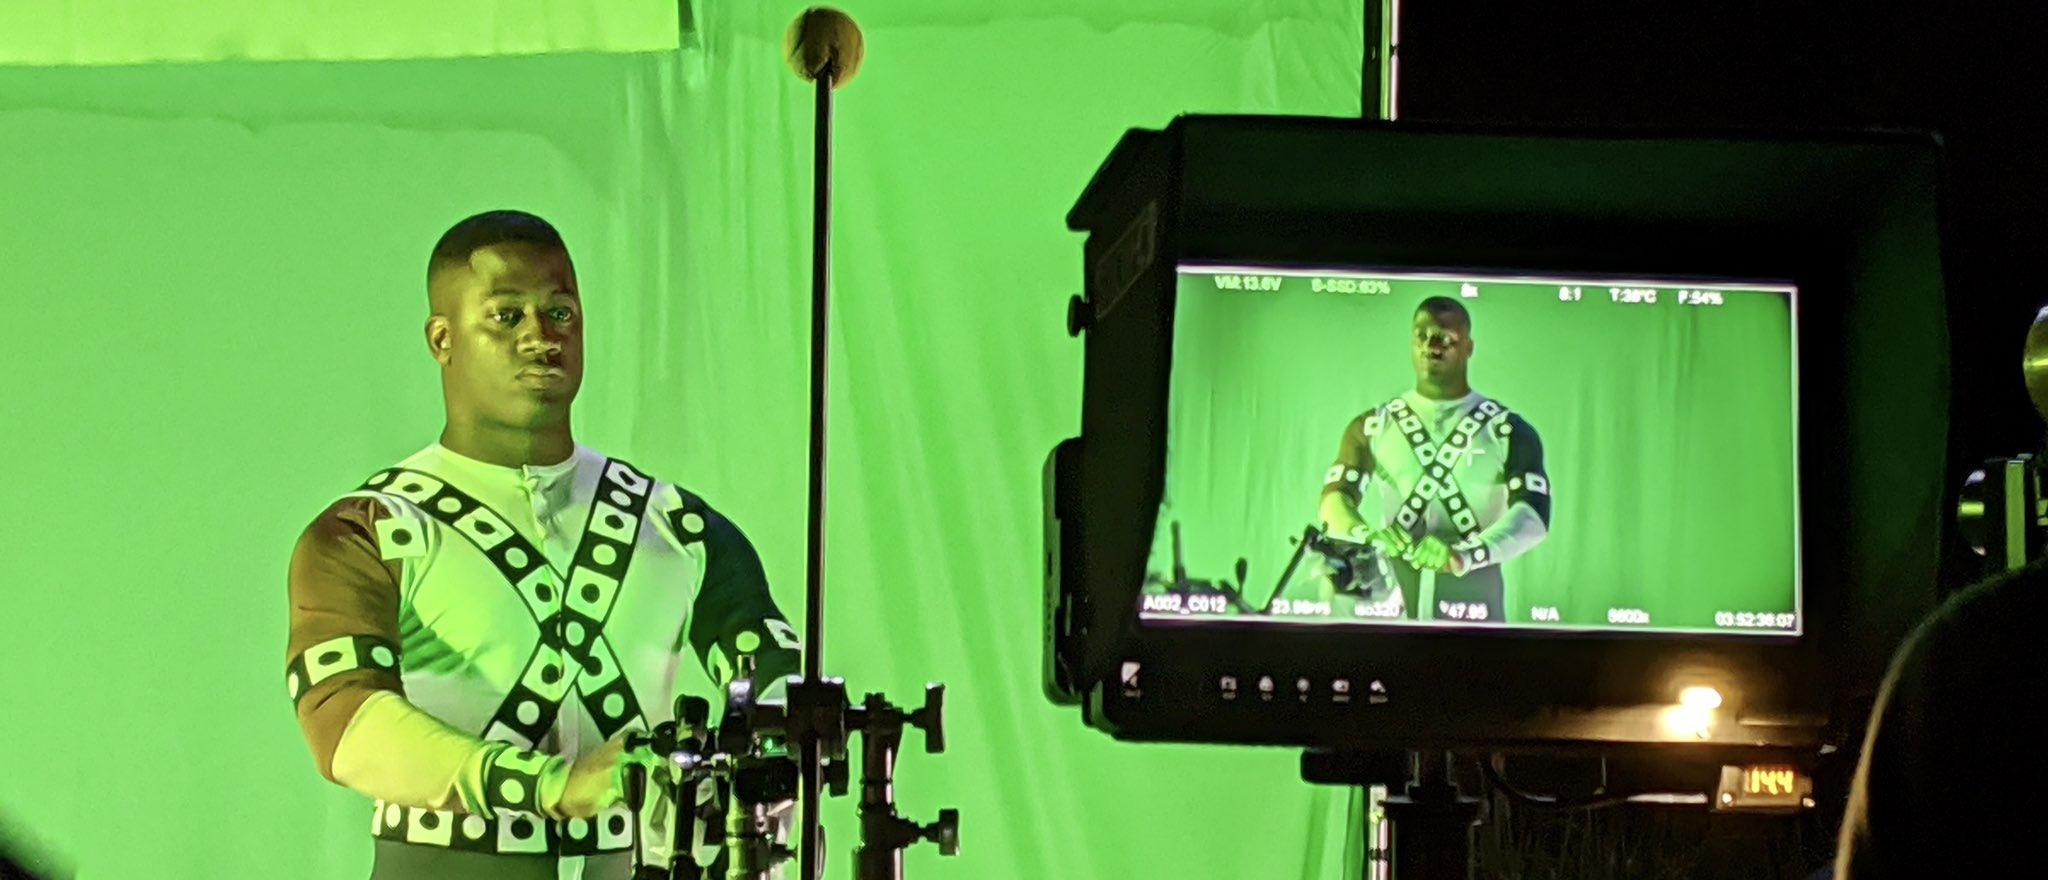 Фото: актер Зеленого фонаря из вырезанной сцены «Лиги справедливости Зака Снайдера»